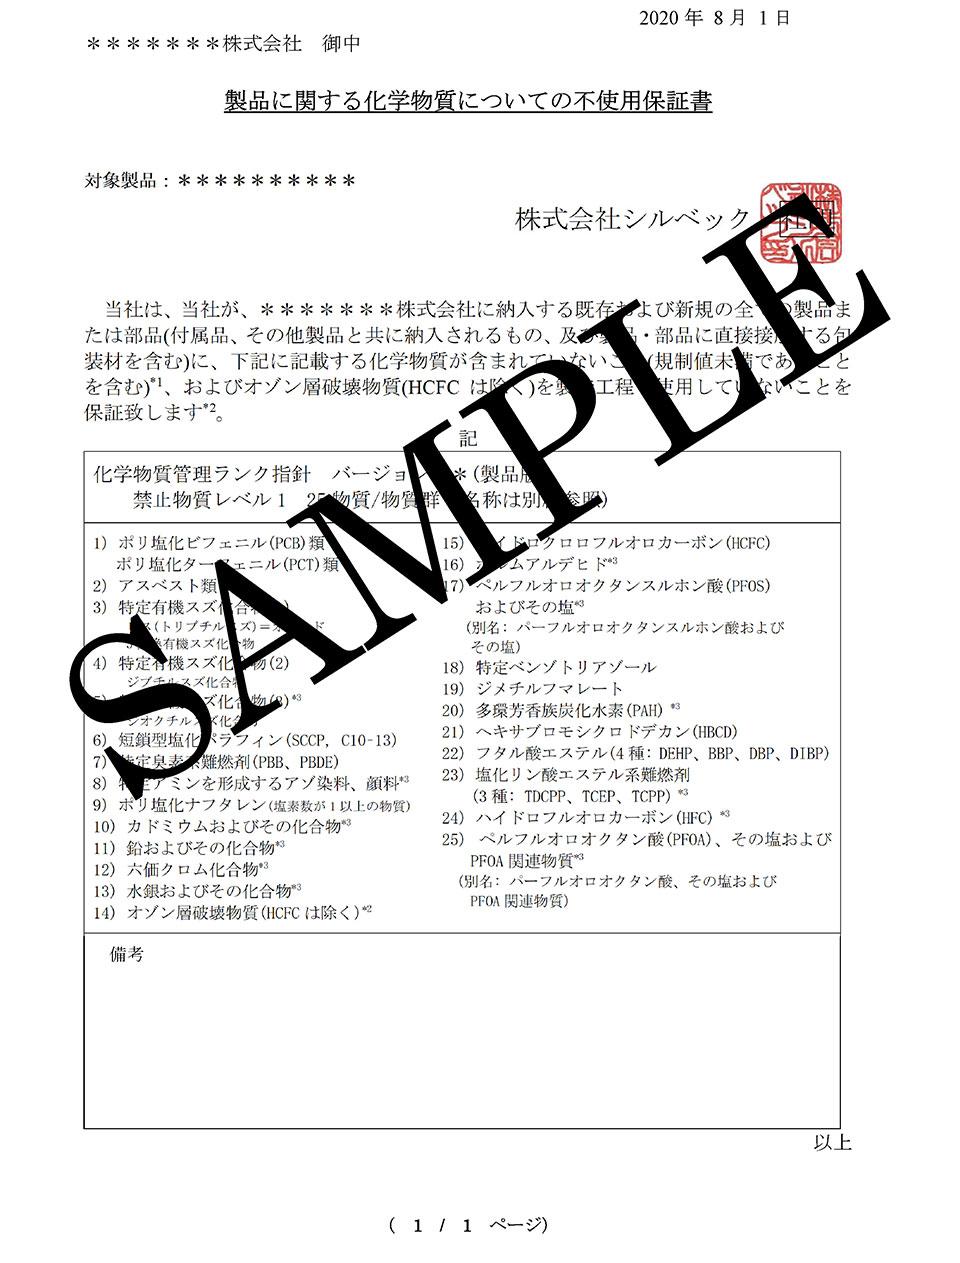 環境関連の調査証明書について